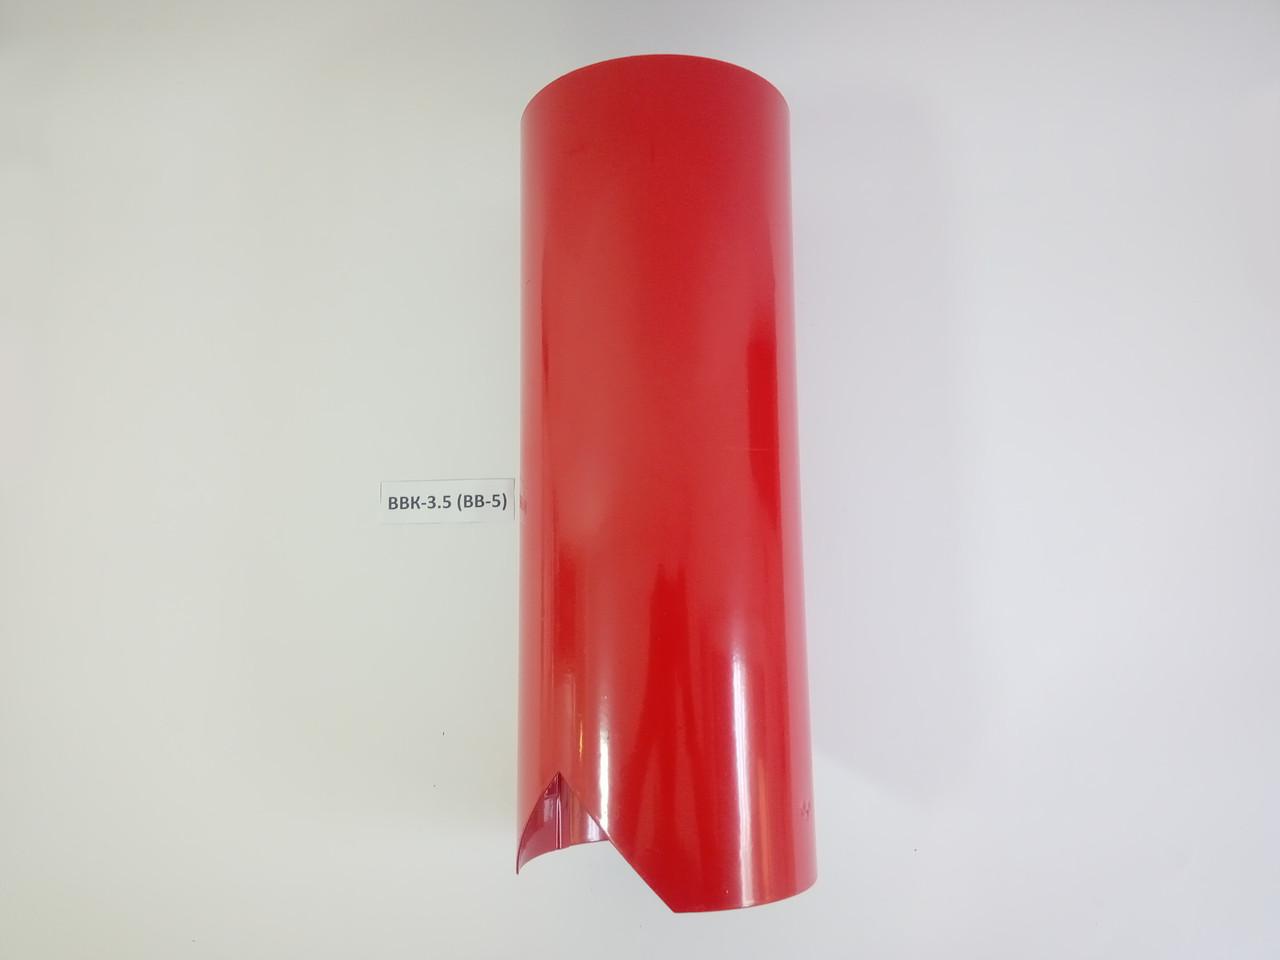 Подставка под огнетушитель ВВК-3.5